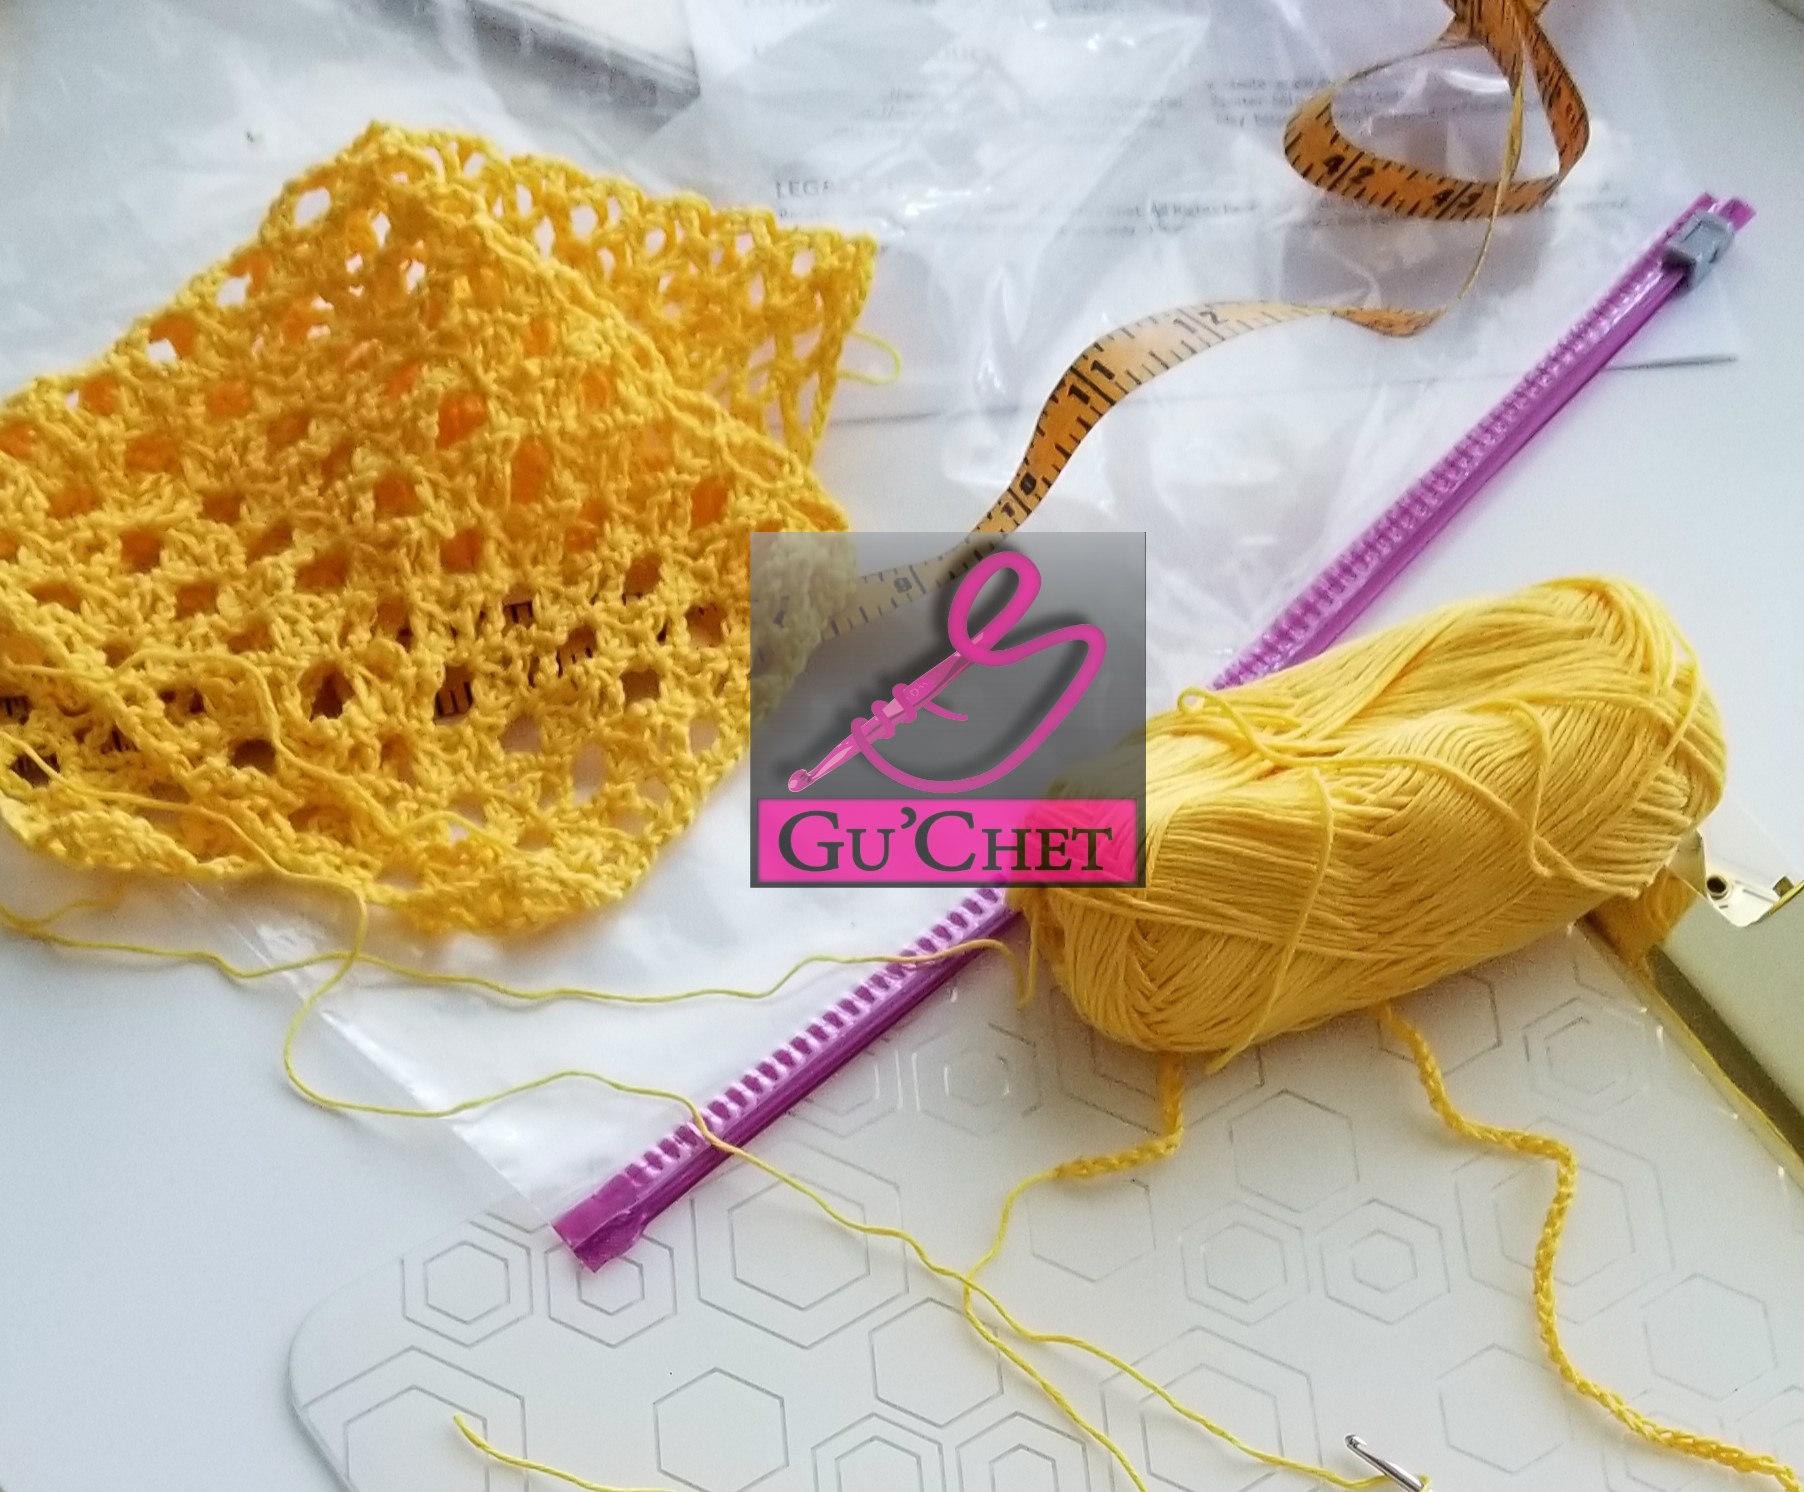 Crochet Tester Needed Pic2_8.2.2018.jpg